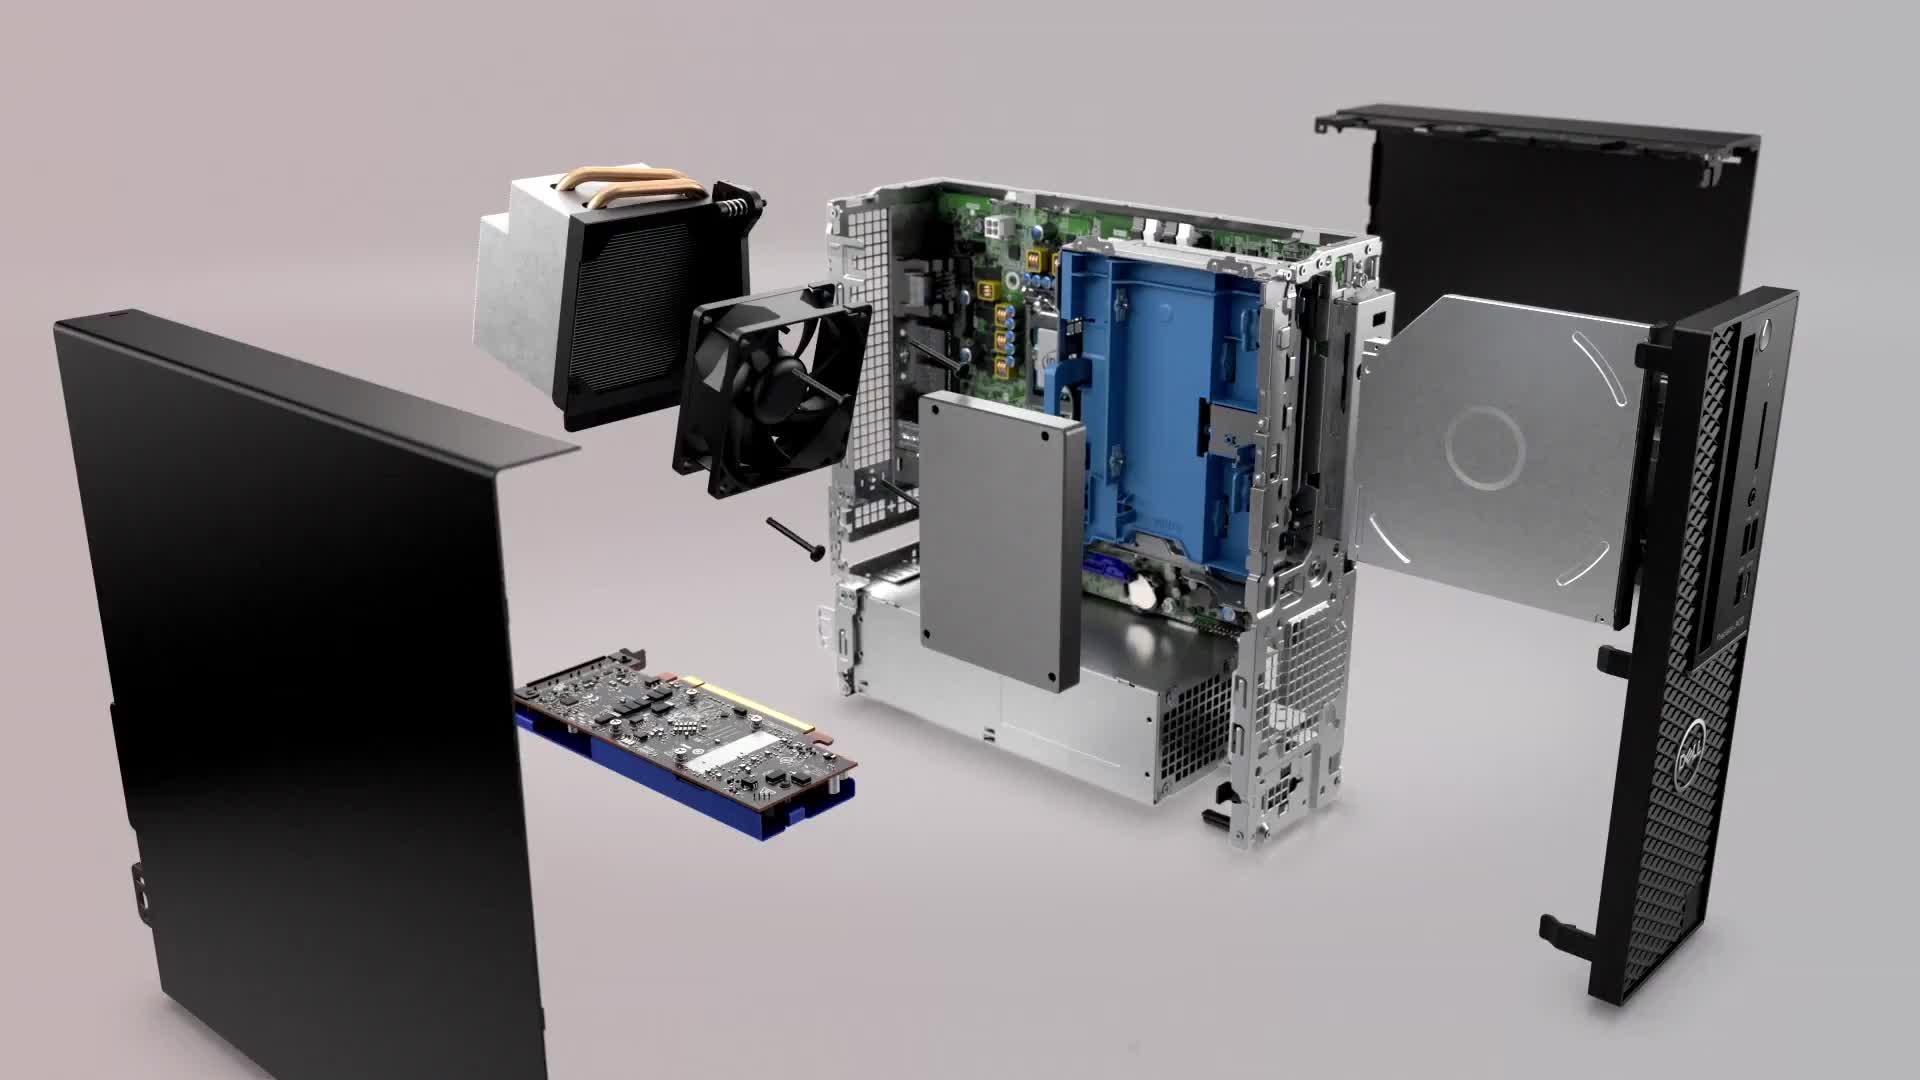 精密 T3430 小型フォームワークステーション、インテルコア i3-8100 、 8 ギガバイトの RAM 、 256 ギガバイトの SSD + 500 ギガバイトの SATA 、 Dell